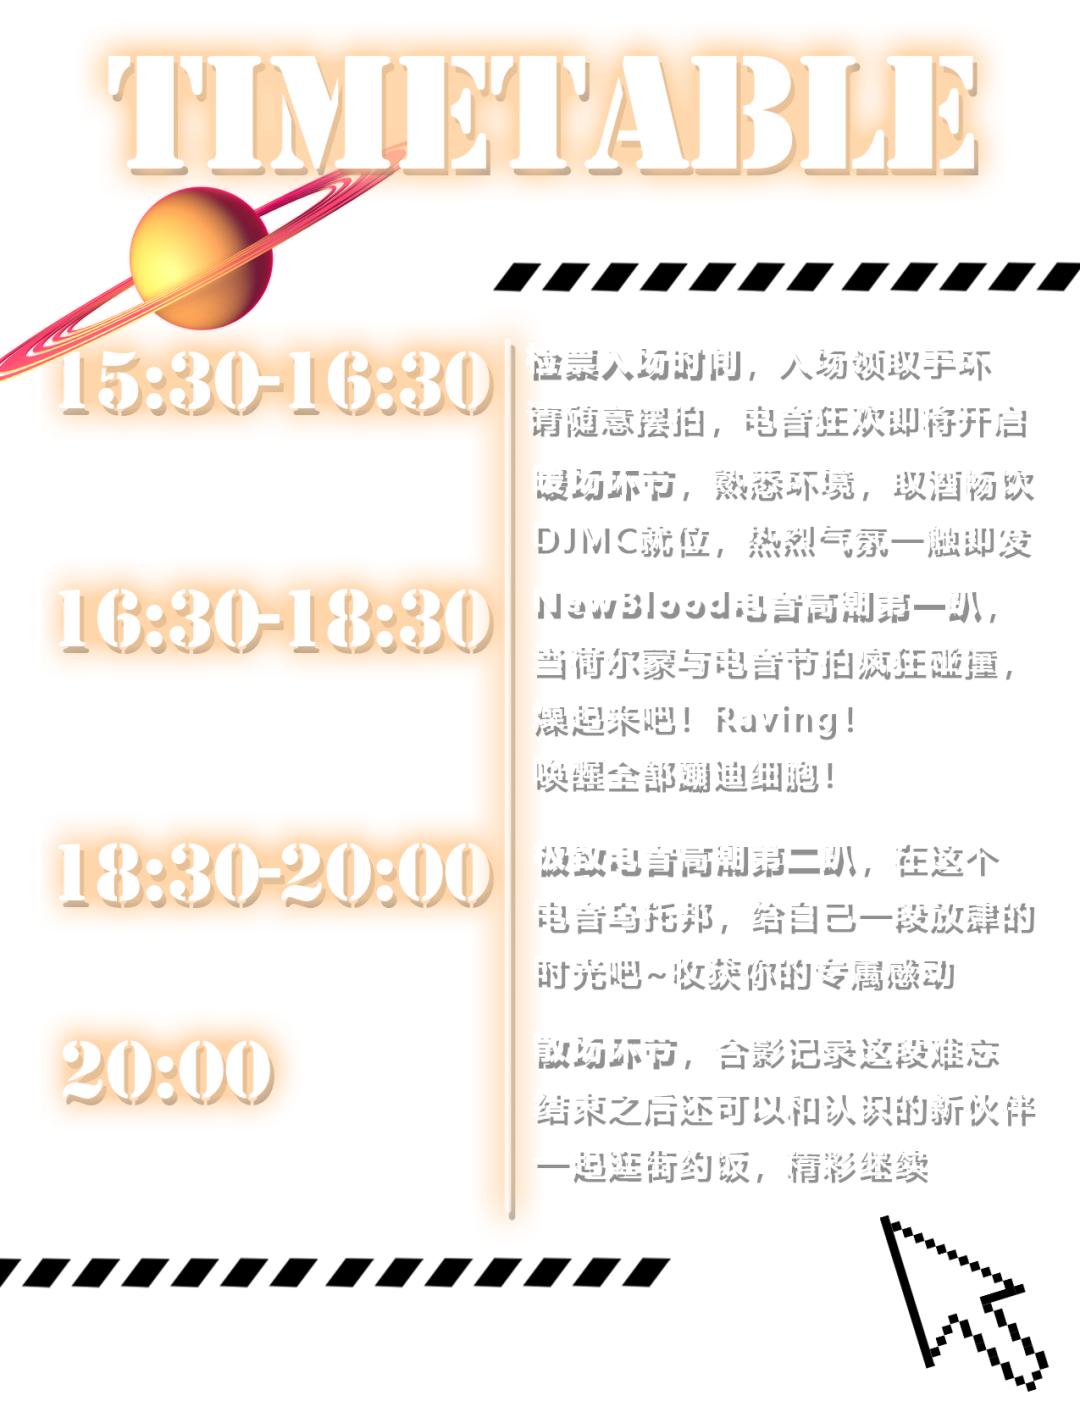 /uploads/image/2021/06/22/5658a2e5387b408e13d0506ee8d41af3.png